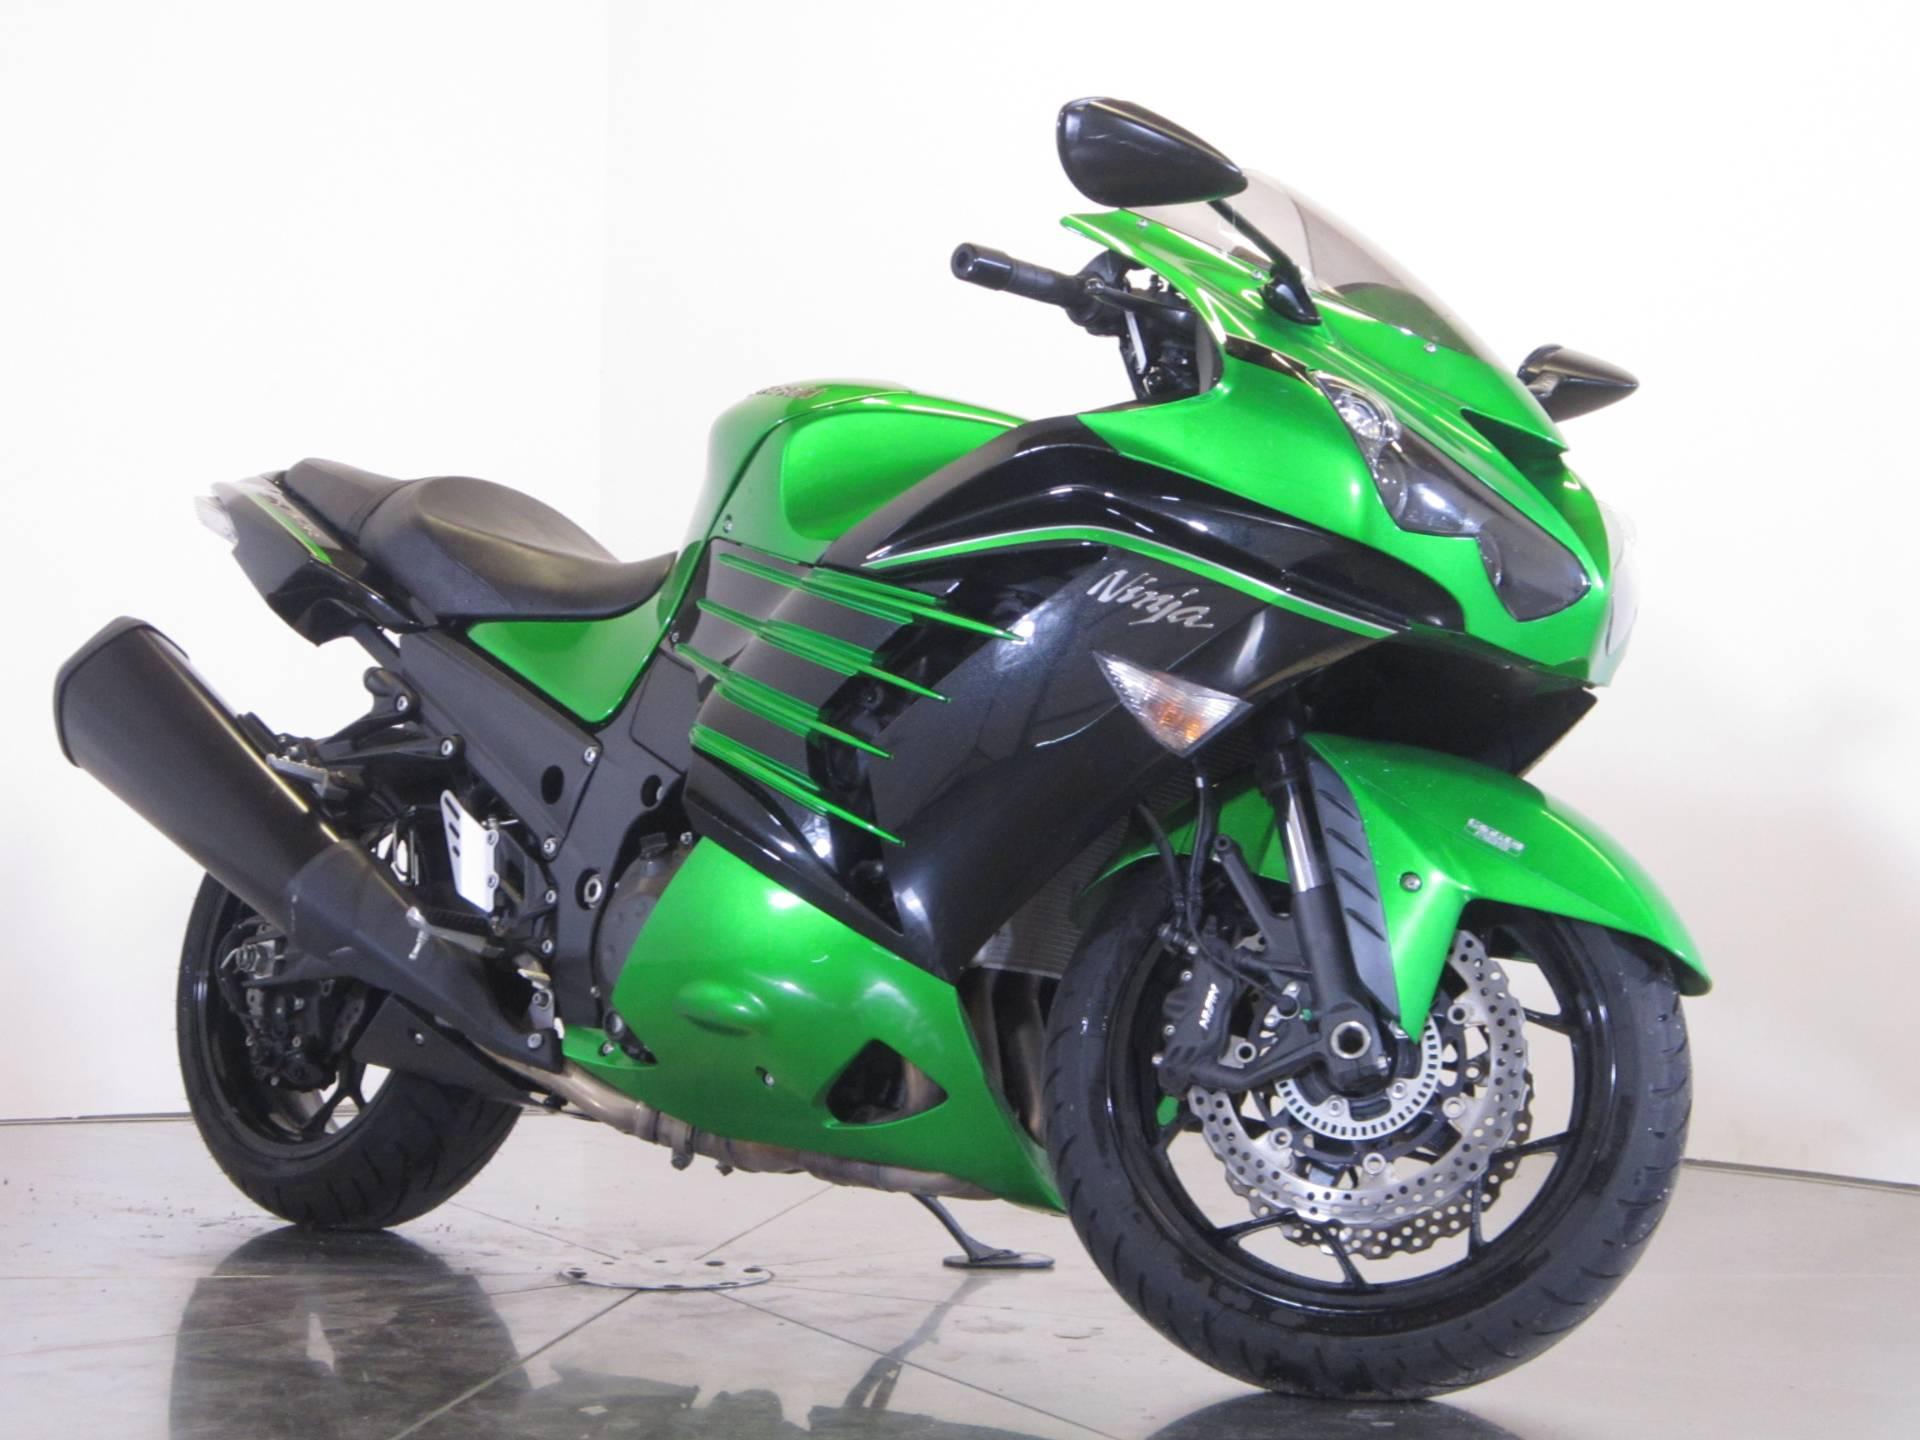 2015 Kawasaki Ninja ZX-14R ABS 2